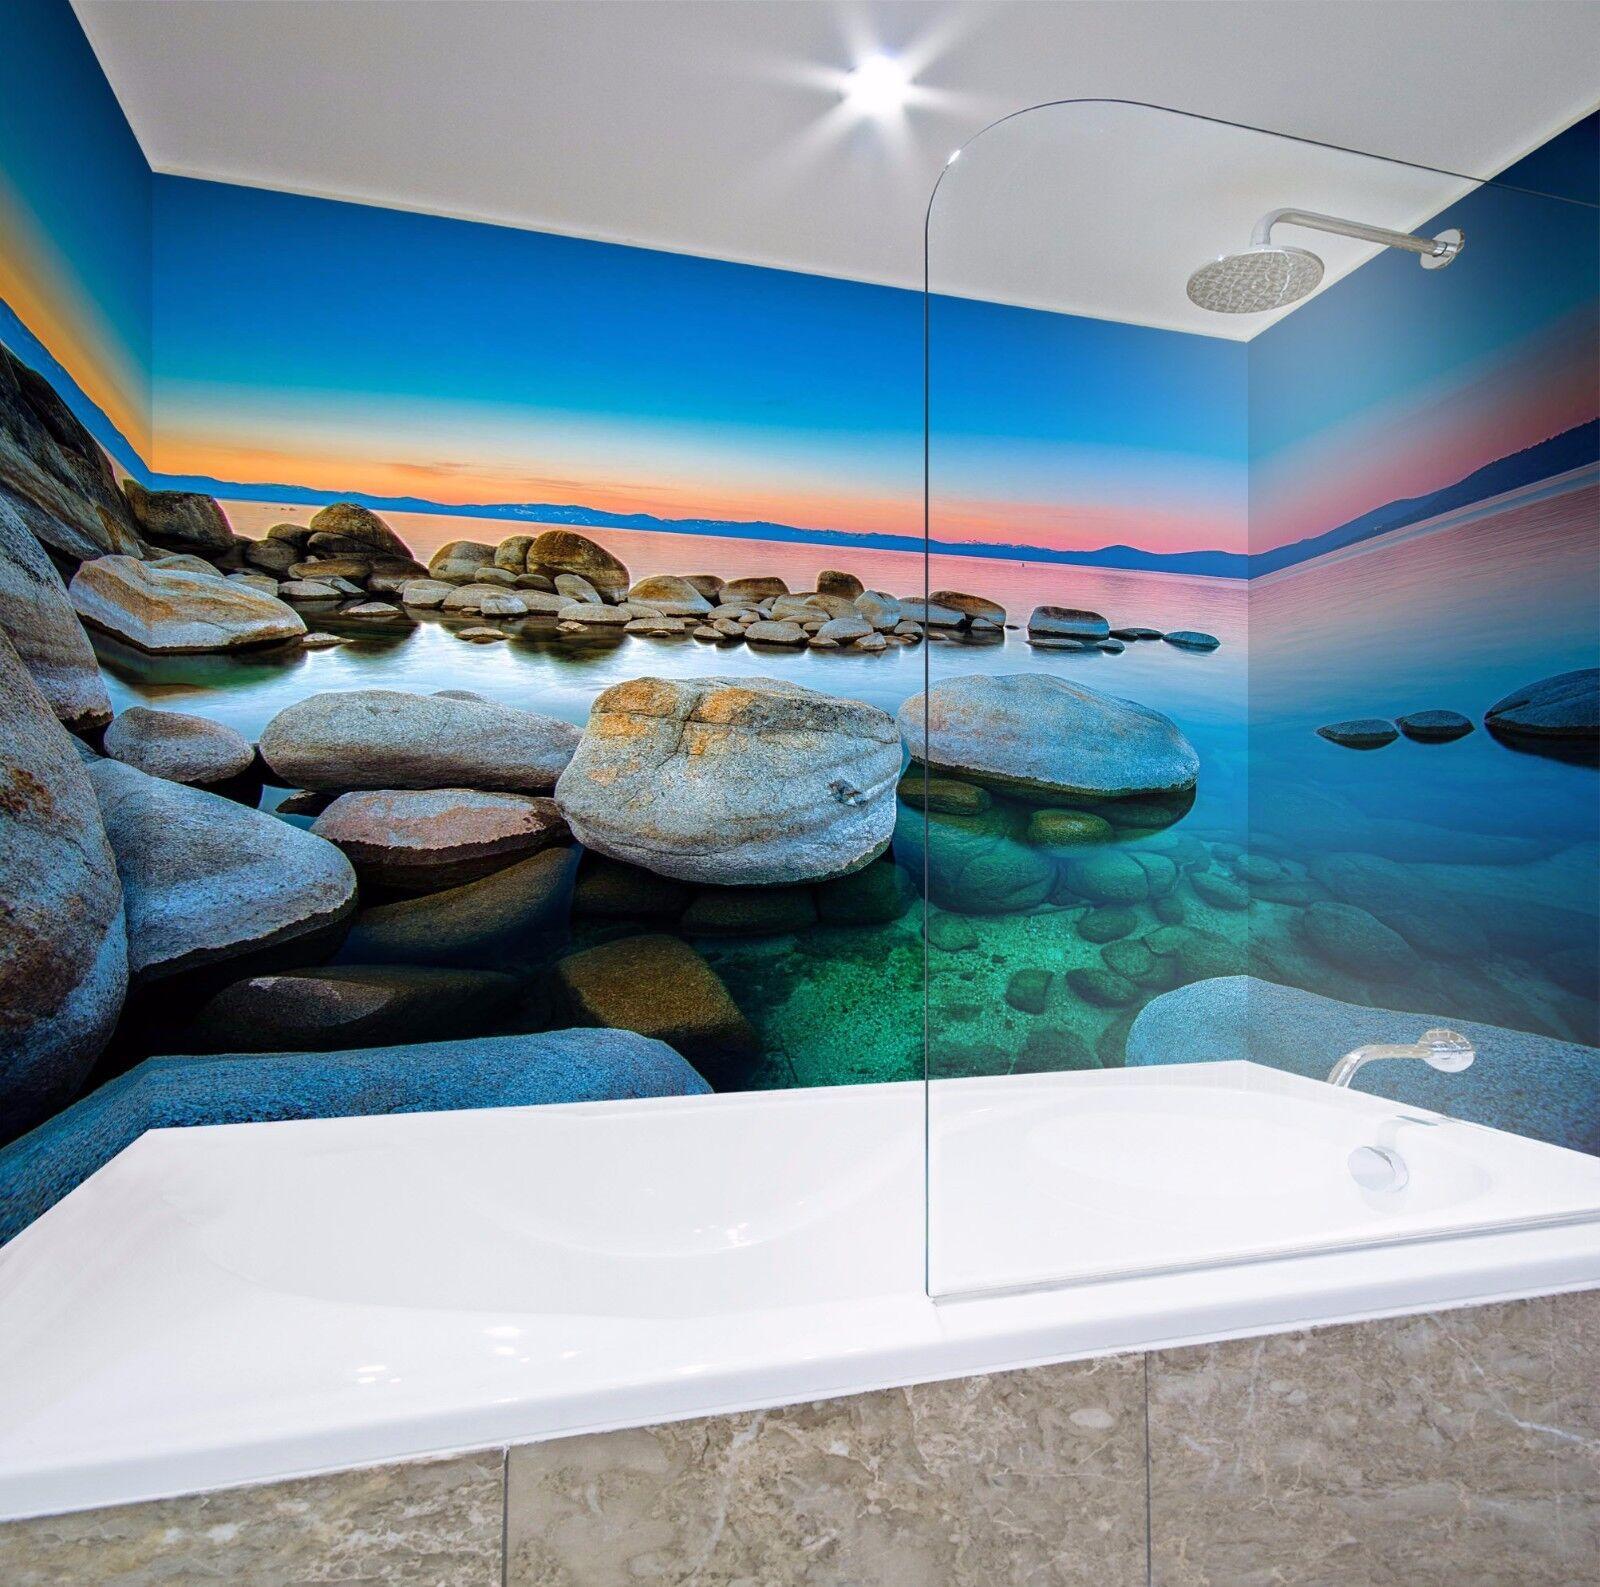 3D Sky coast sky 637 WallPaper Bathroom Print Decal Wall Deco AJ WALLPAPER UK